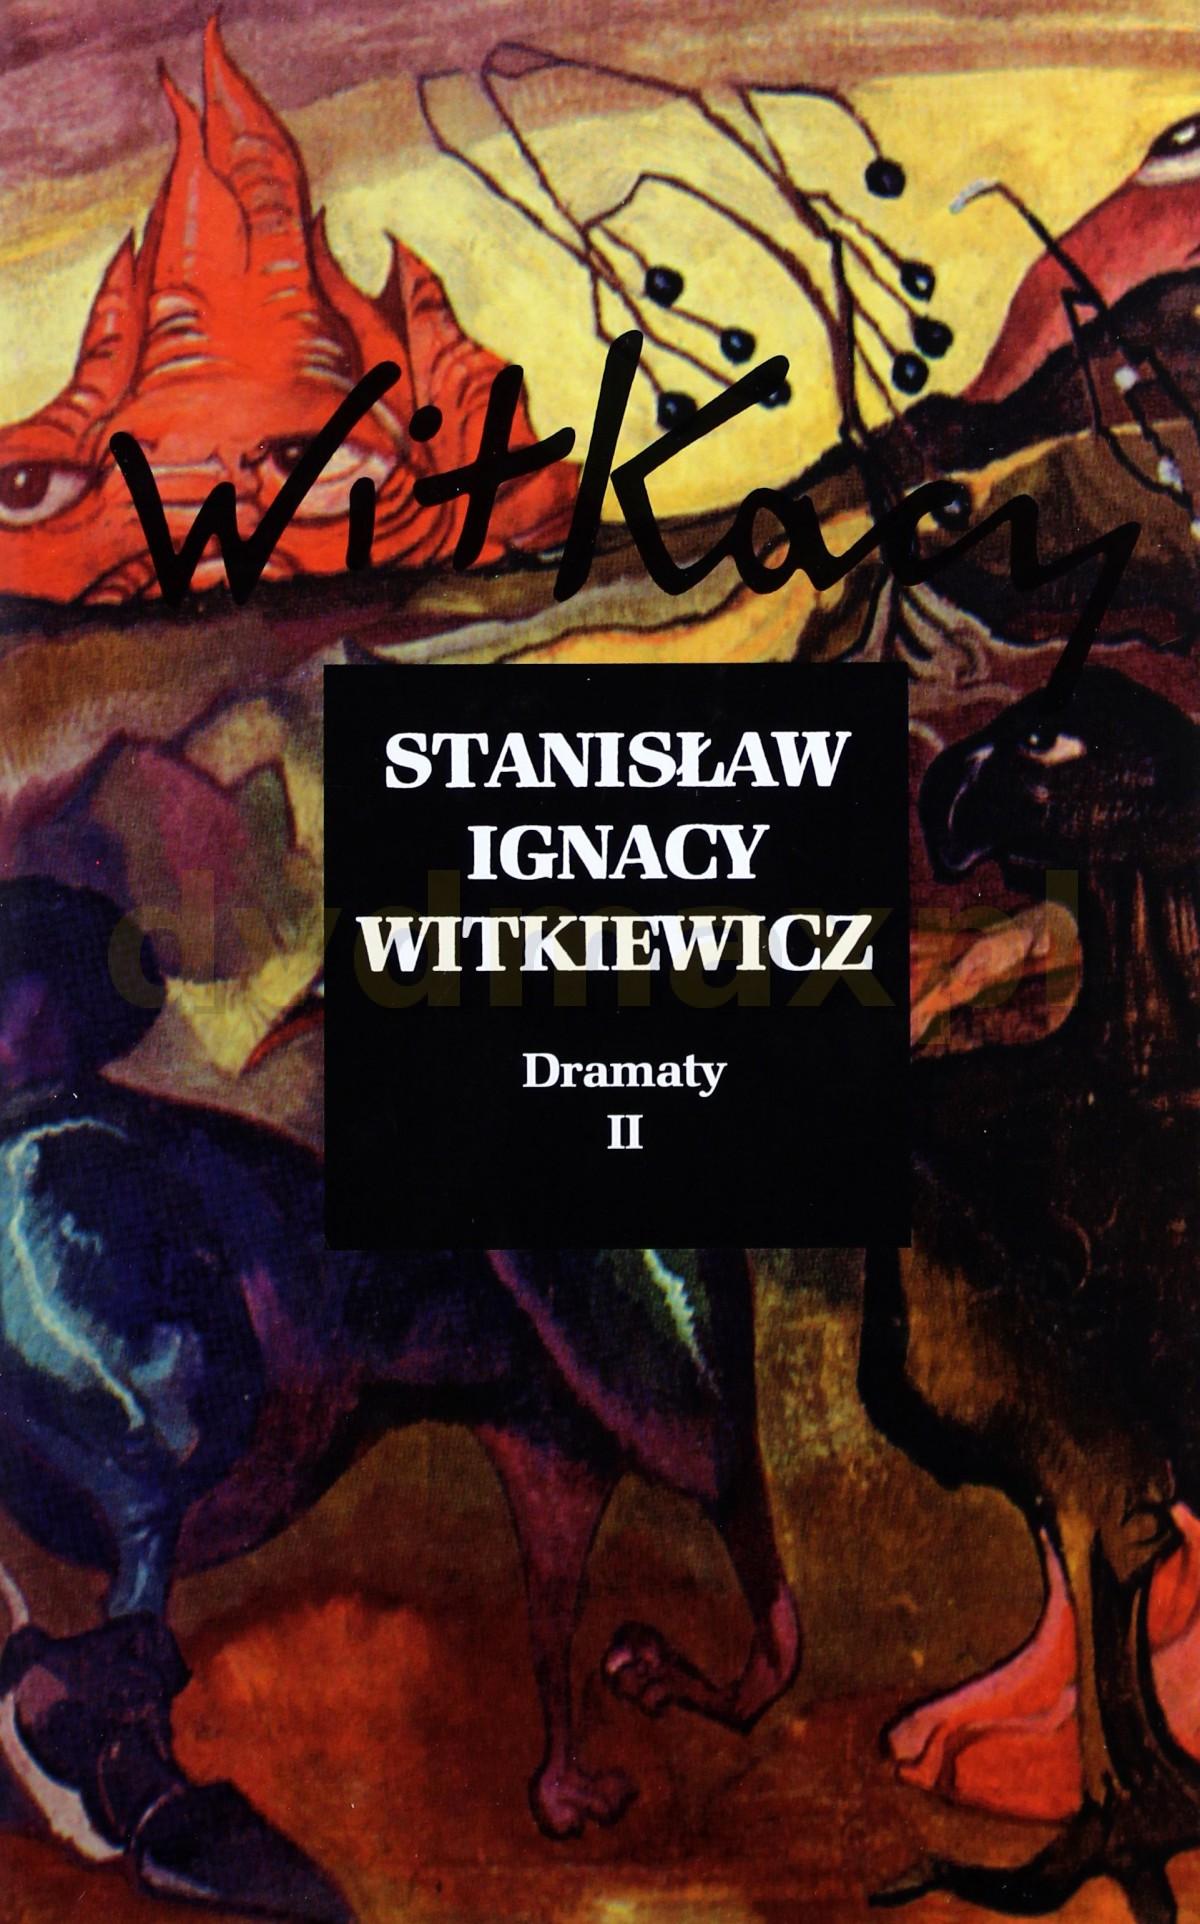 Dramaty (Tom 2) Witkiewicz - Stanisław Ignacy Witkiewicz (twarda) [KSIĄŻKA] - Stanisław Ignacy Witkiewicz